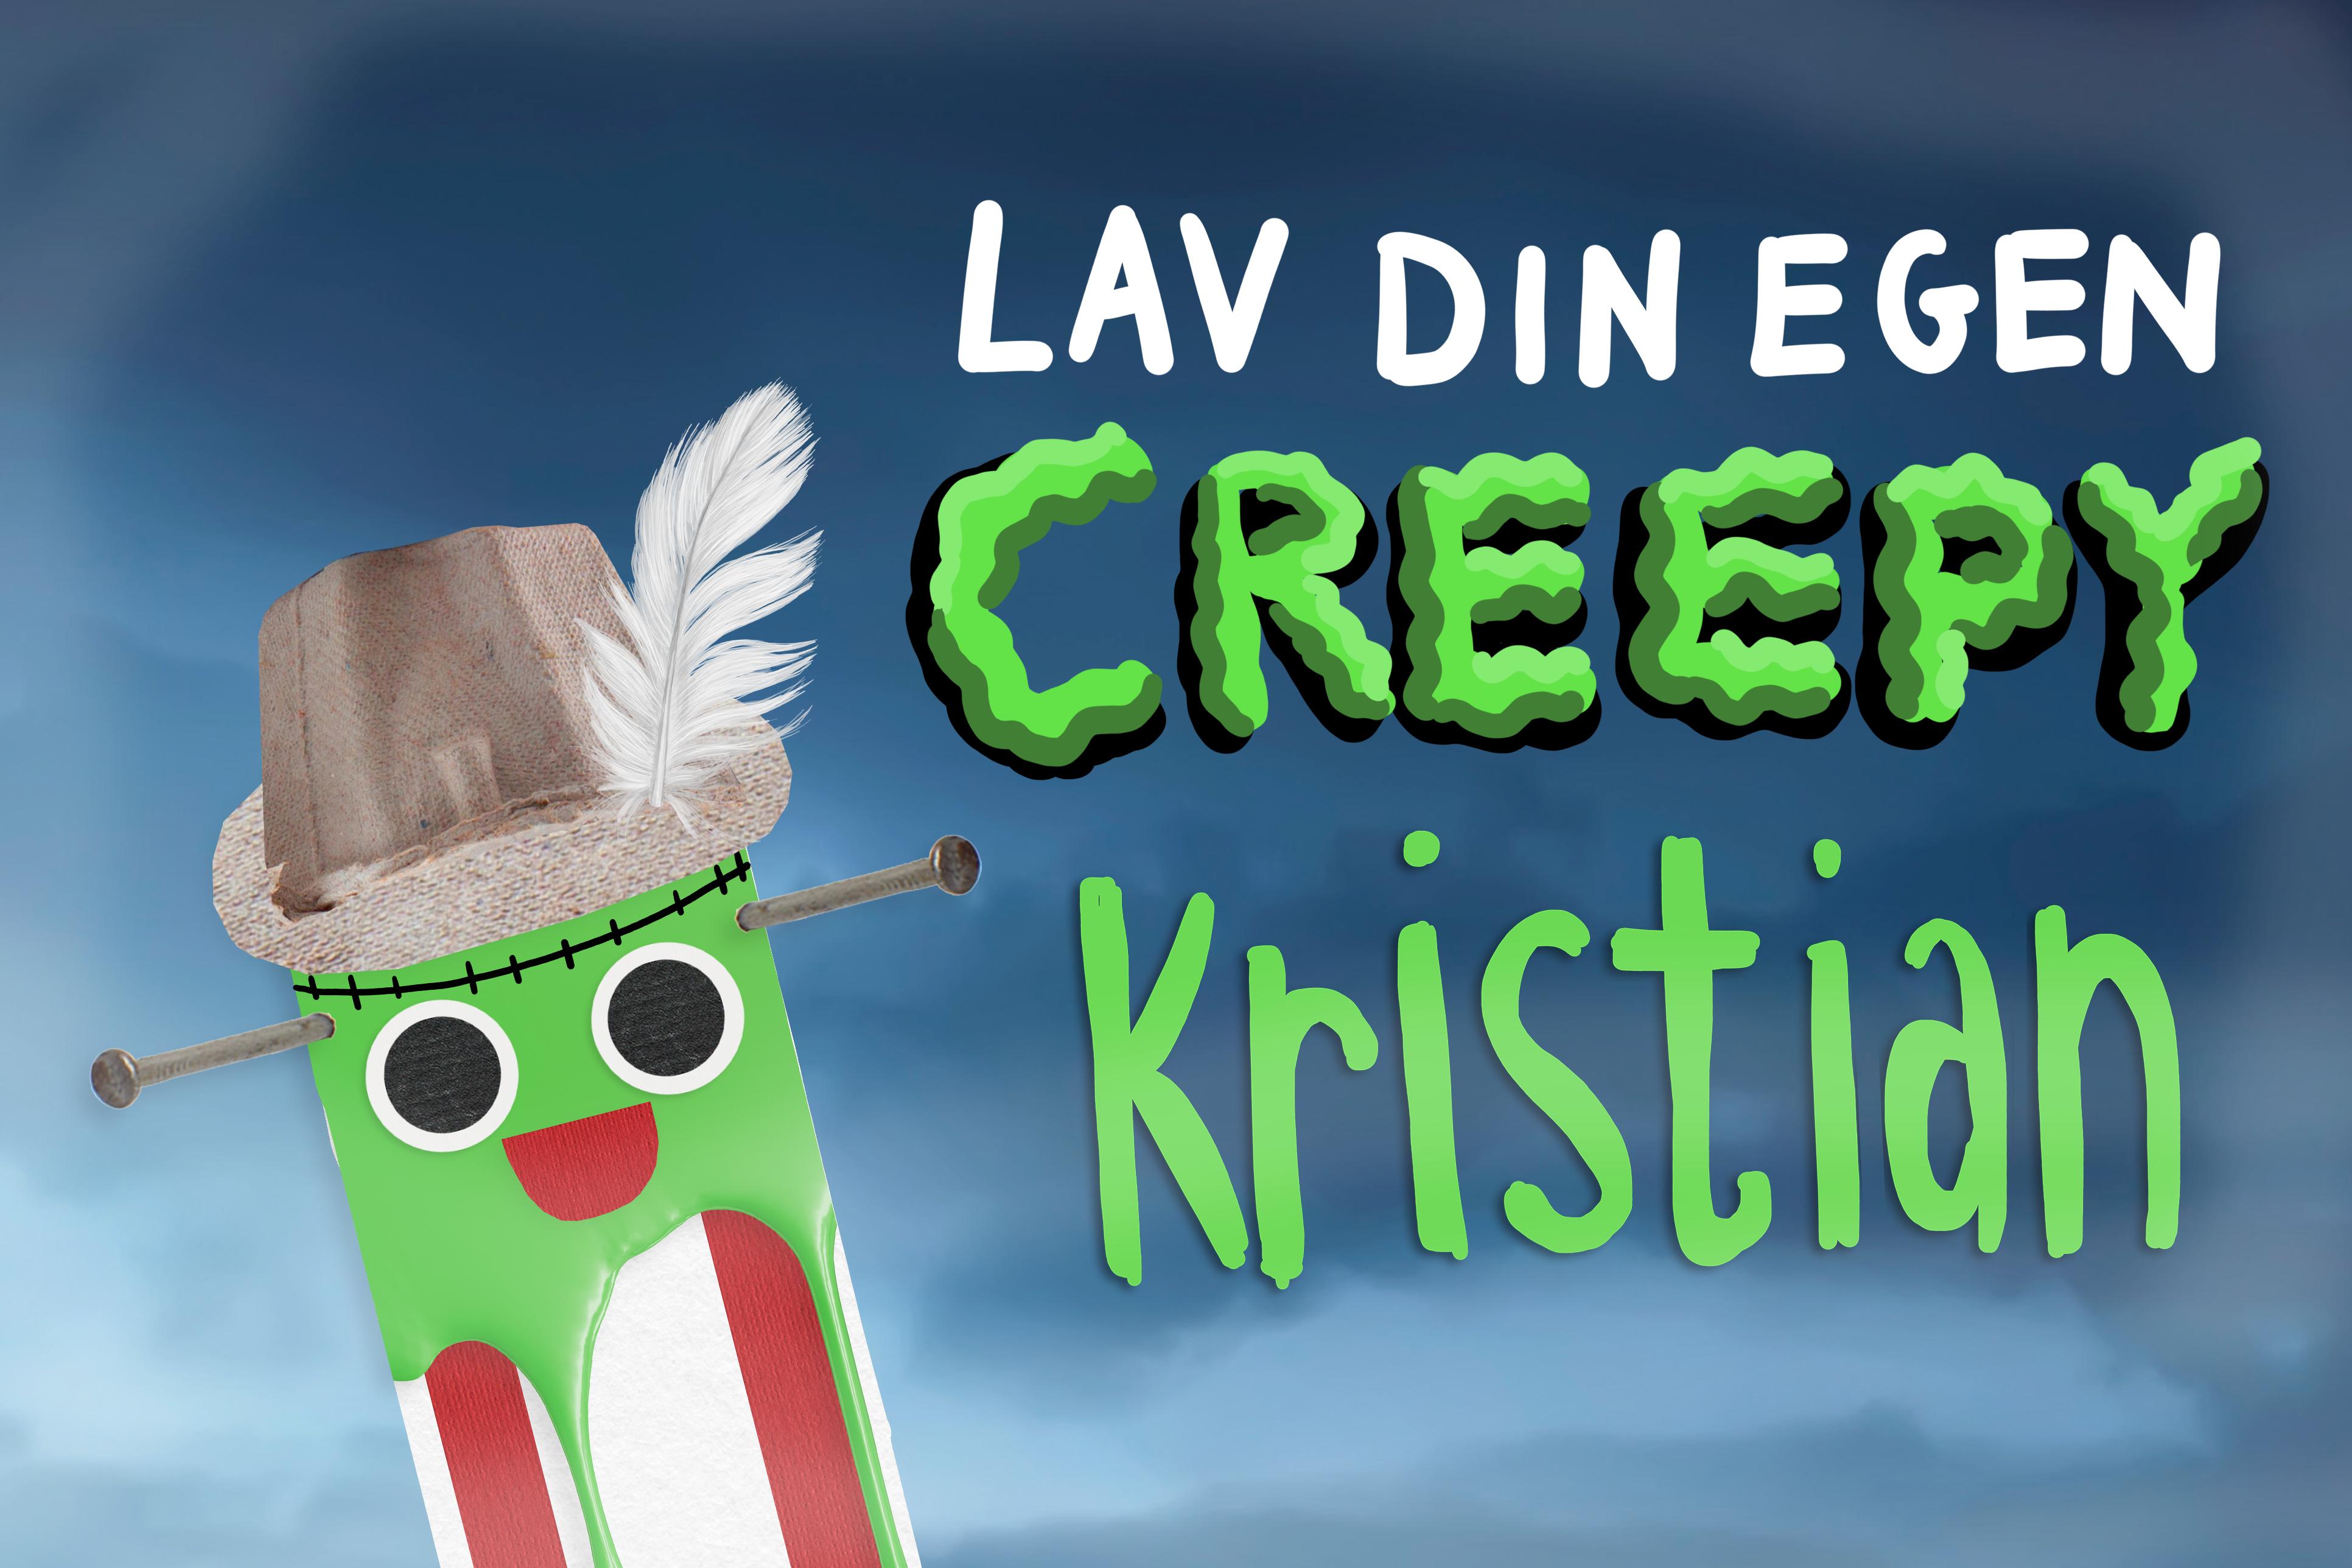 Lav din egen creepy Kristian!